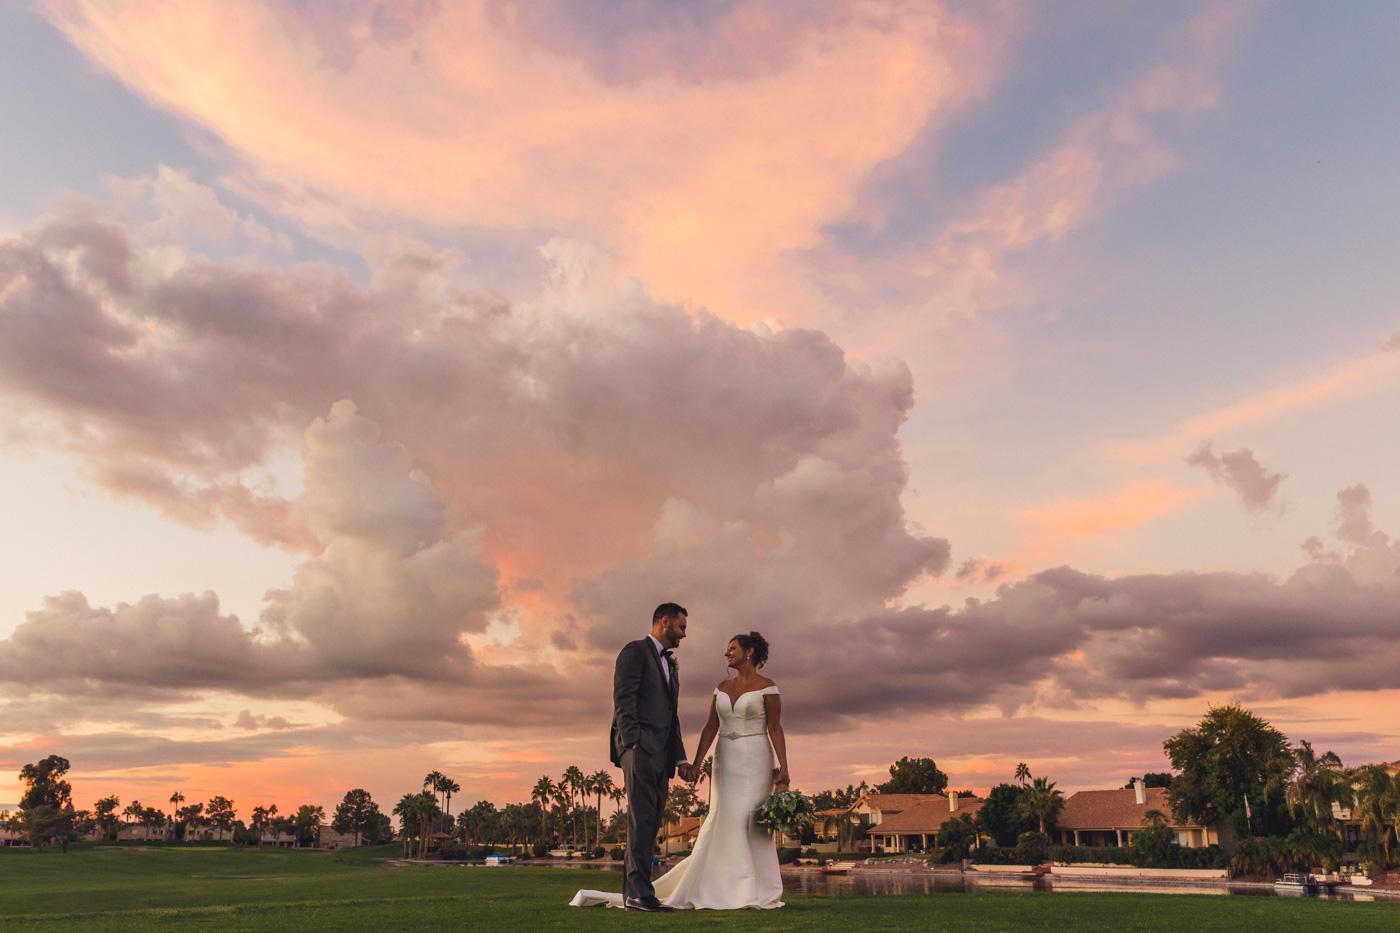 aaron-kes-photography-wedgewood-ocotillo-wedding-30.jpg